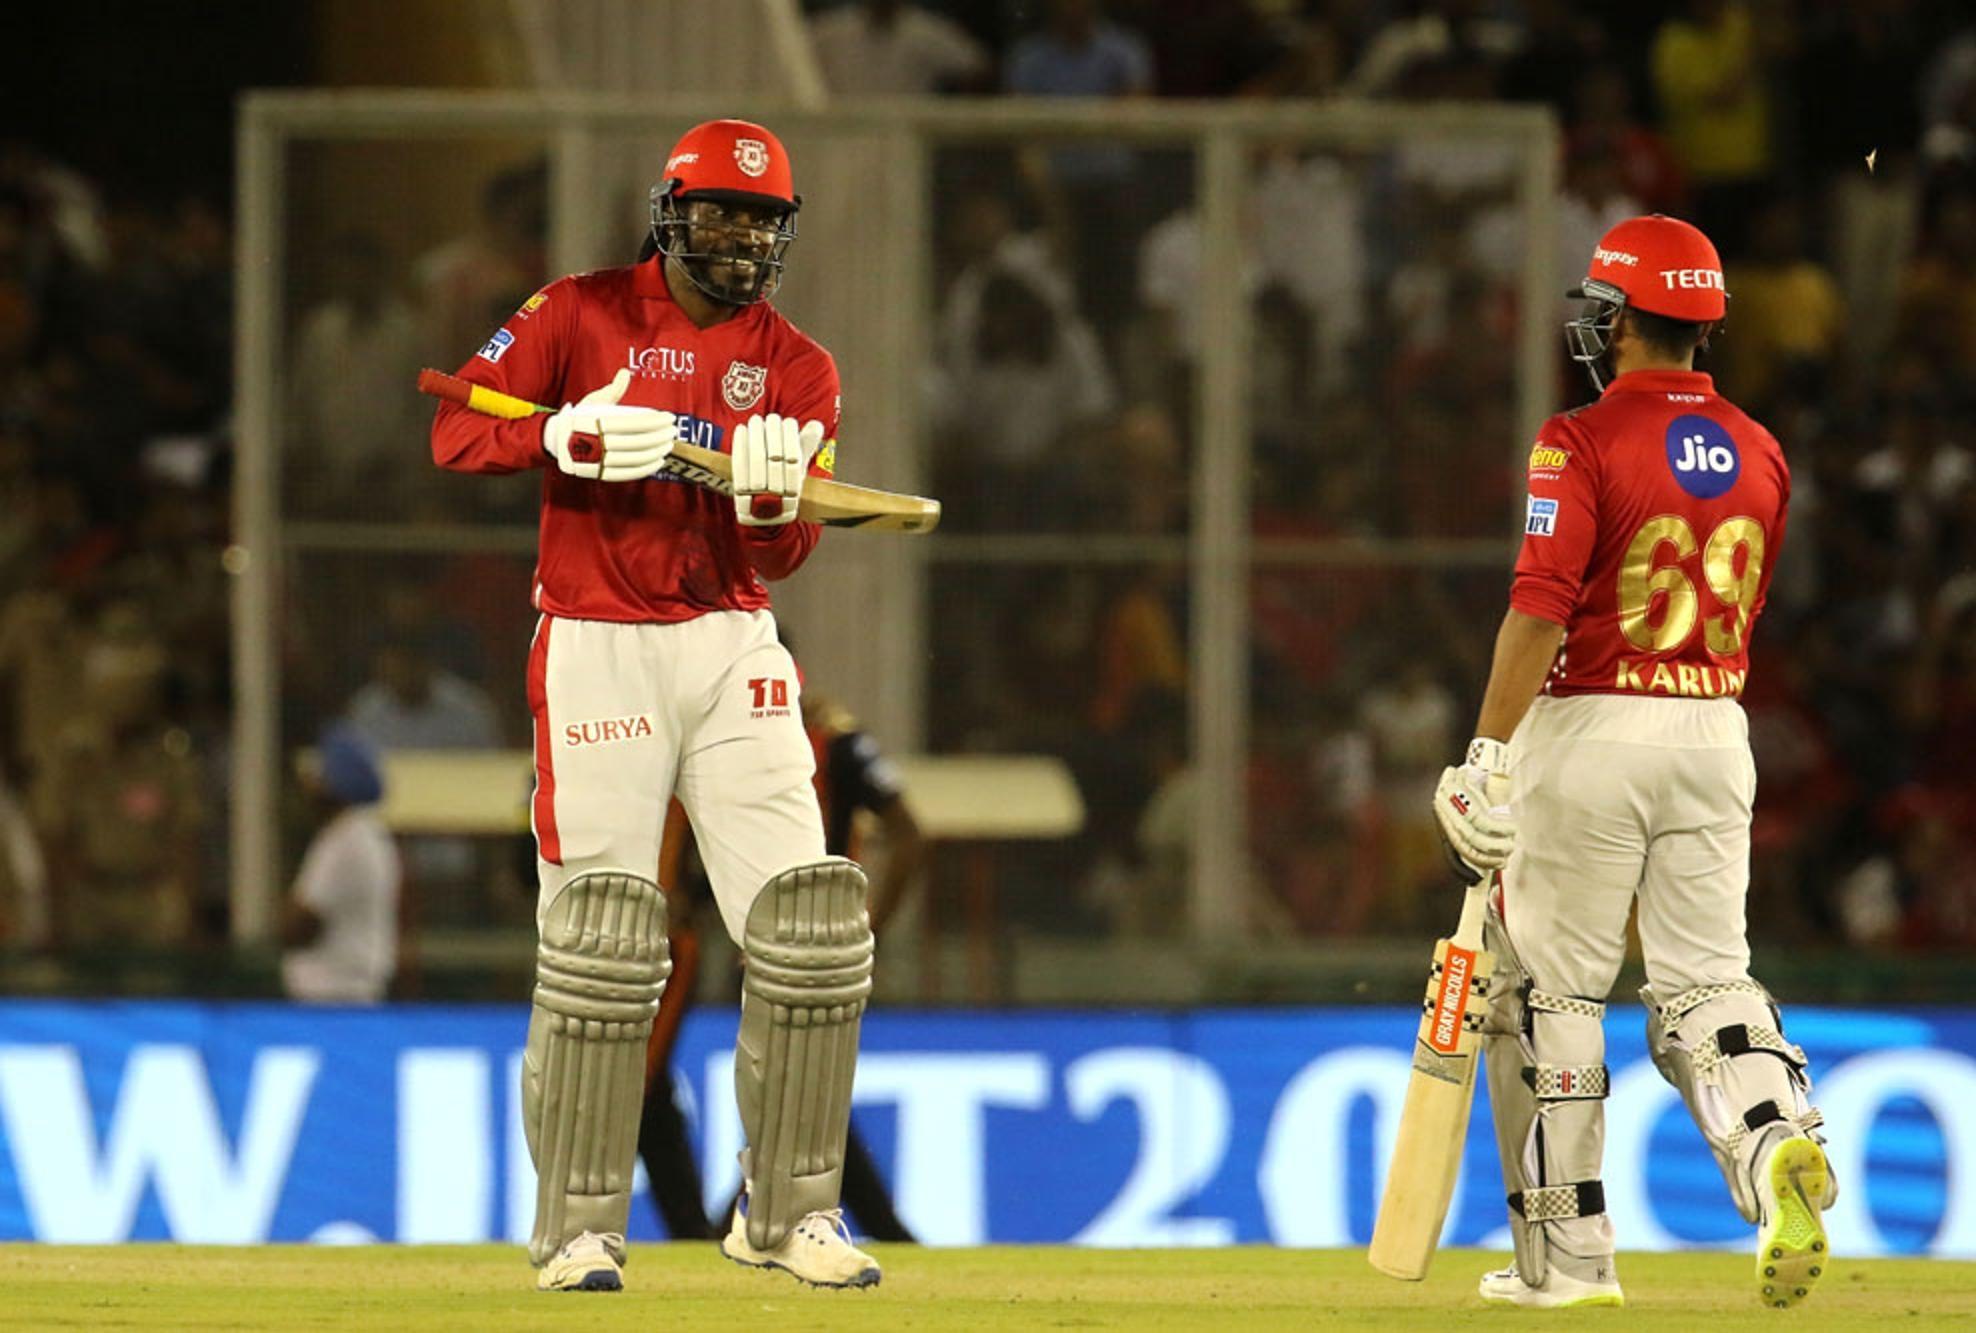 सन राइजर्स के कप्तान केन विलियम्सन ने सीधे तौर पर इस खिलाड़ी के सिर फोड़ा हैदराबाद की हार का ठीकरा 3